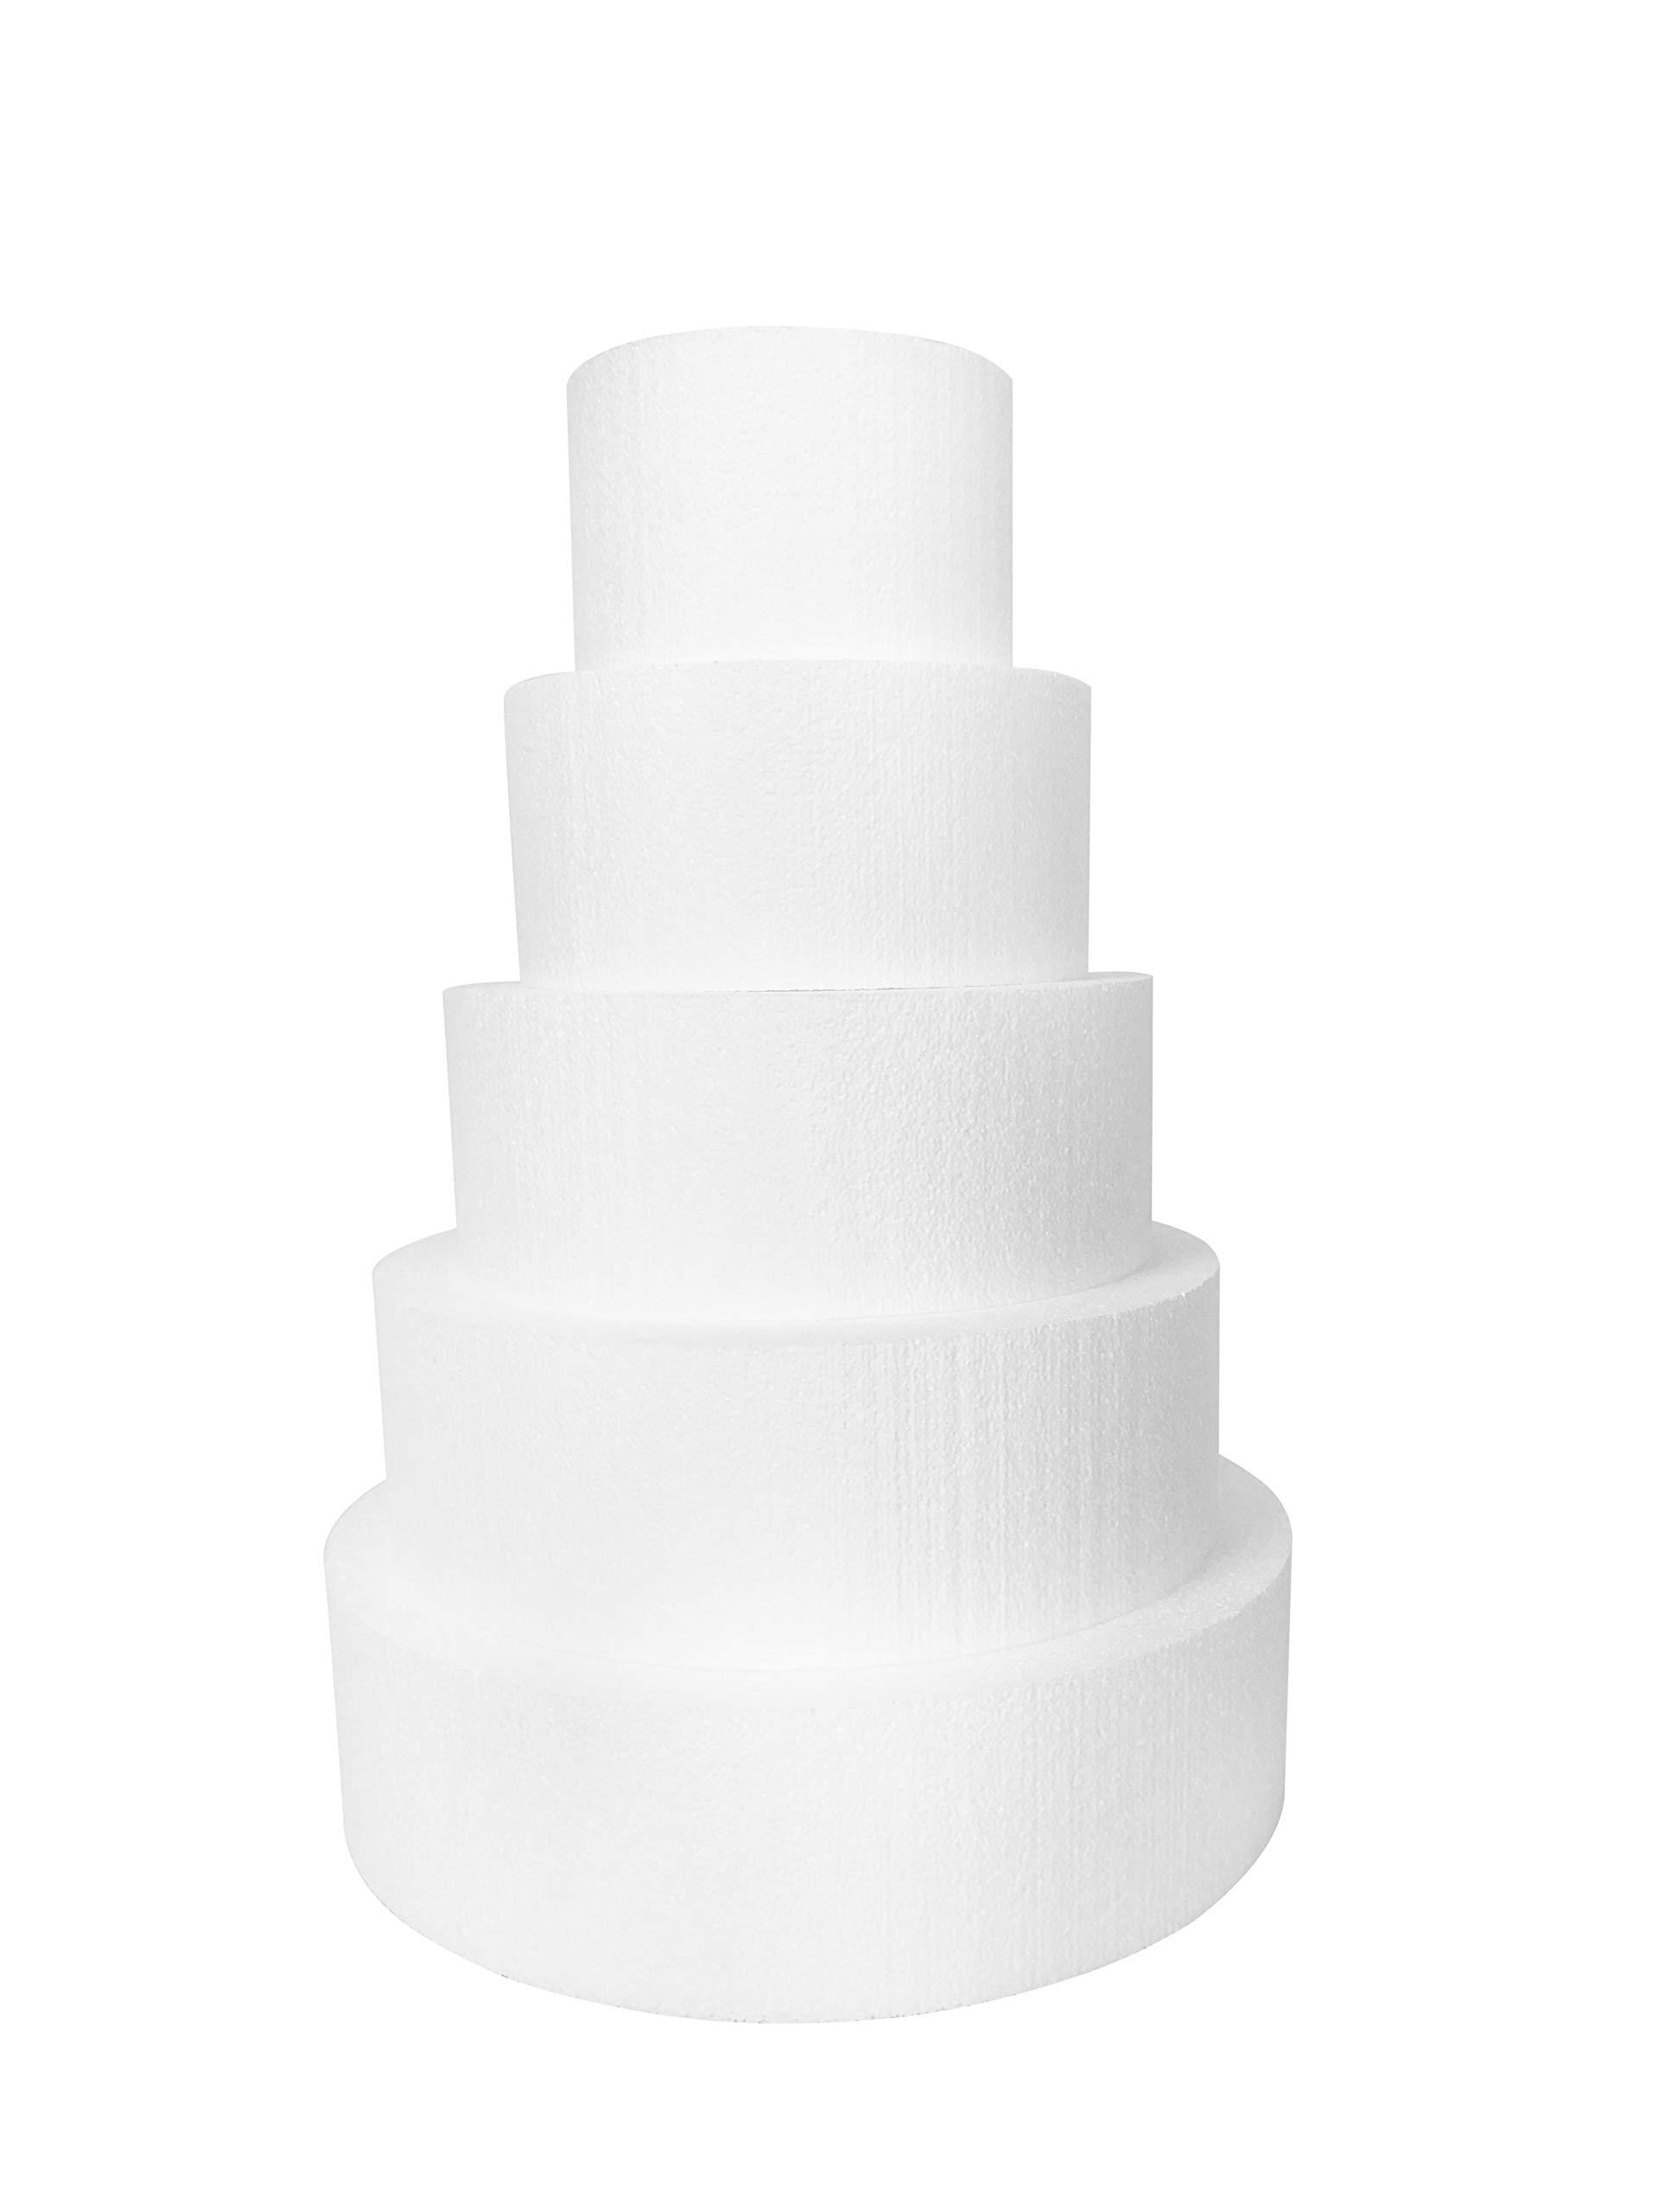 Round 4'' Cake Dummies - Set of 5, Each 4'' High by 6'', 8'', 10'', 12'', 14'' Round